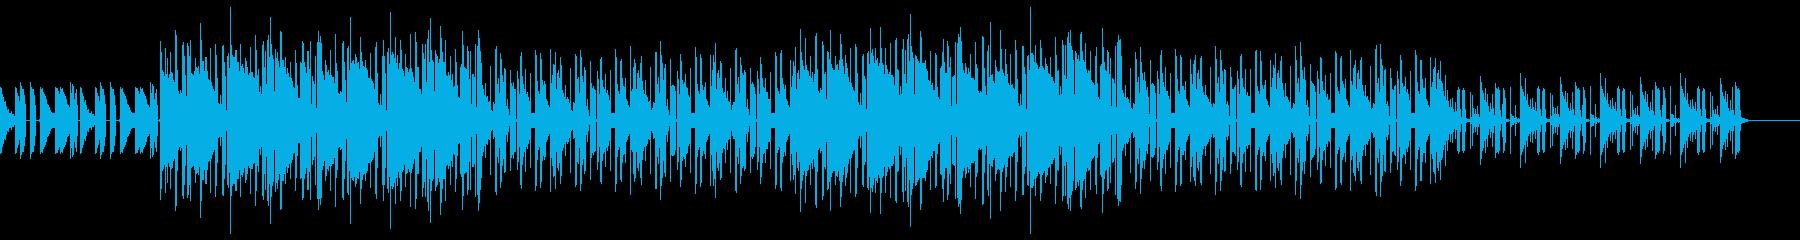 レトロ 切ない lofi hip hopの再生済みの波形